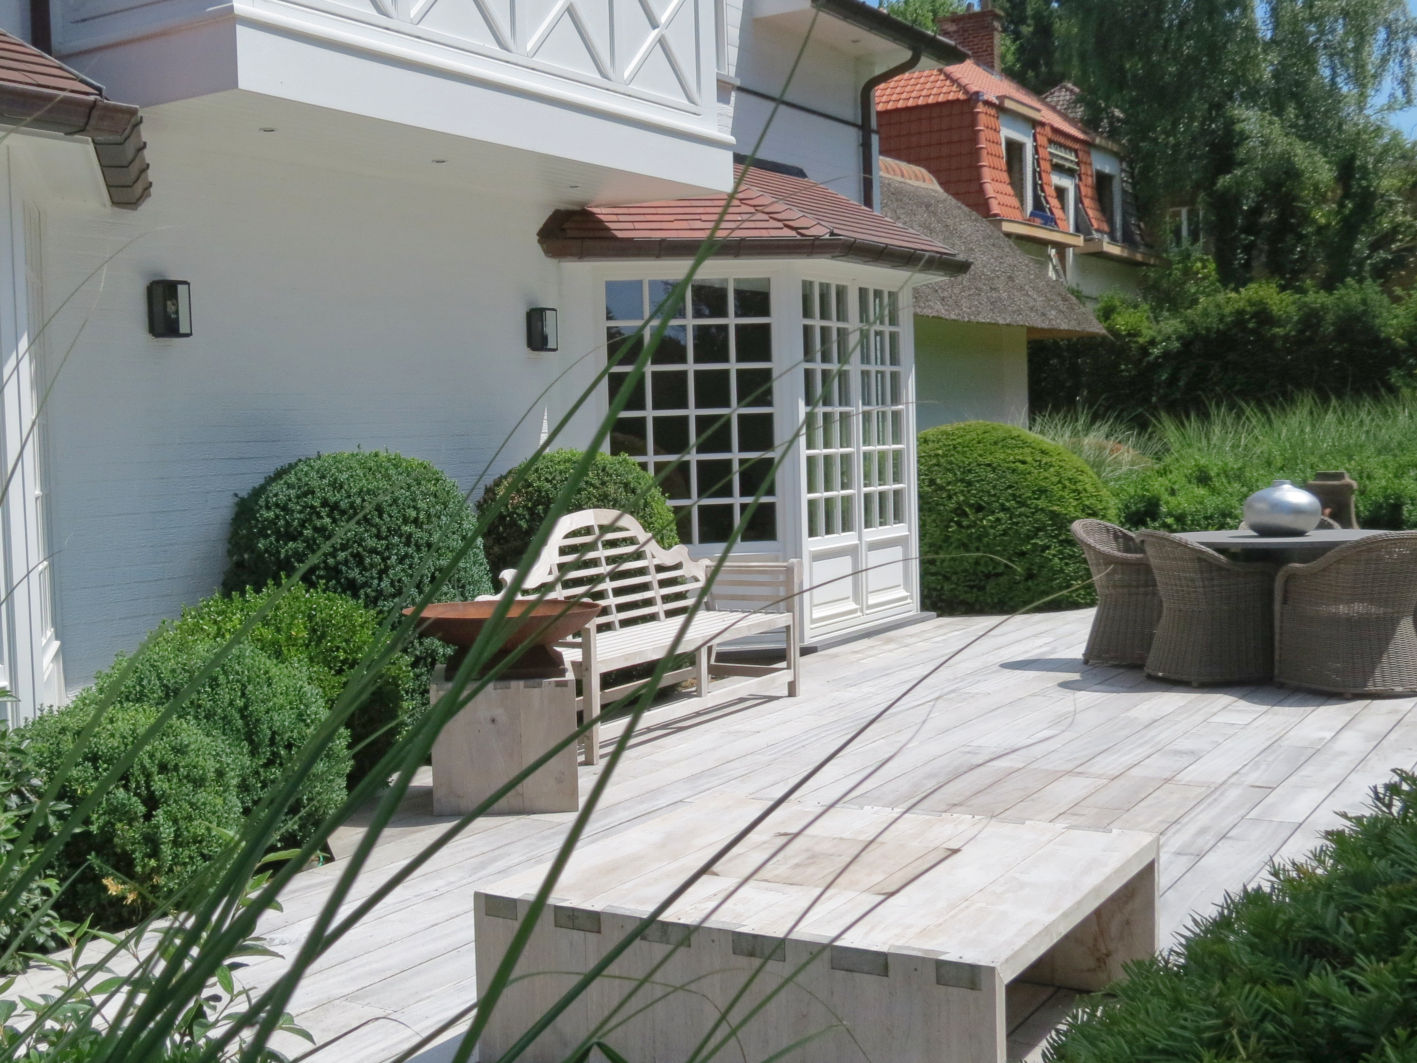 Terrasse en bois coussins végétaux persistants espace détente